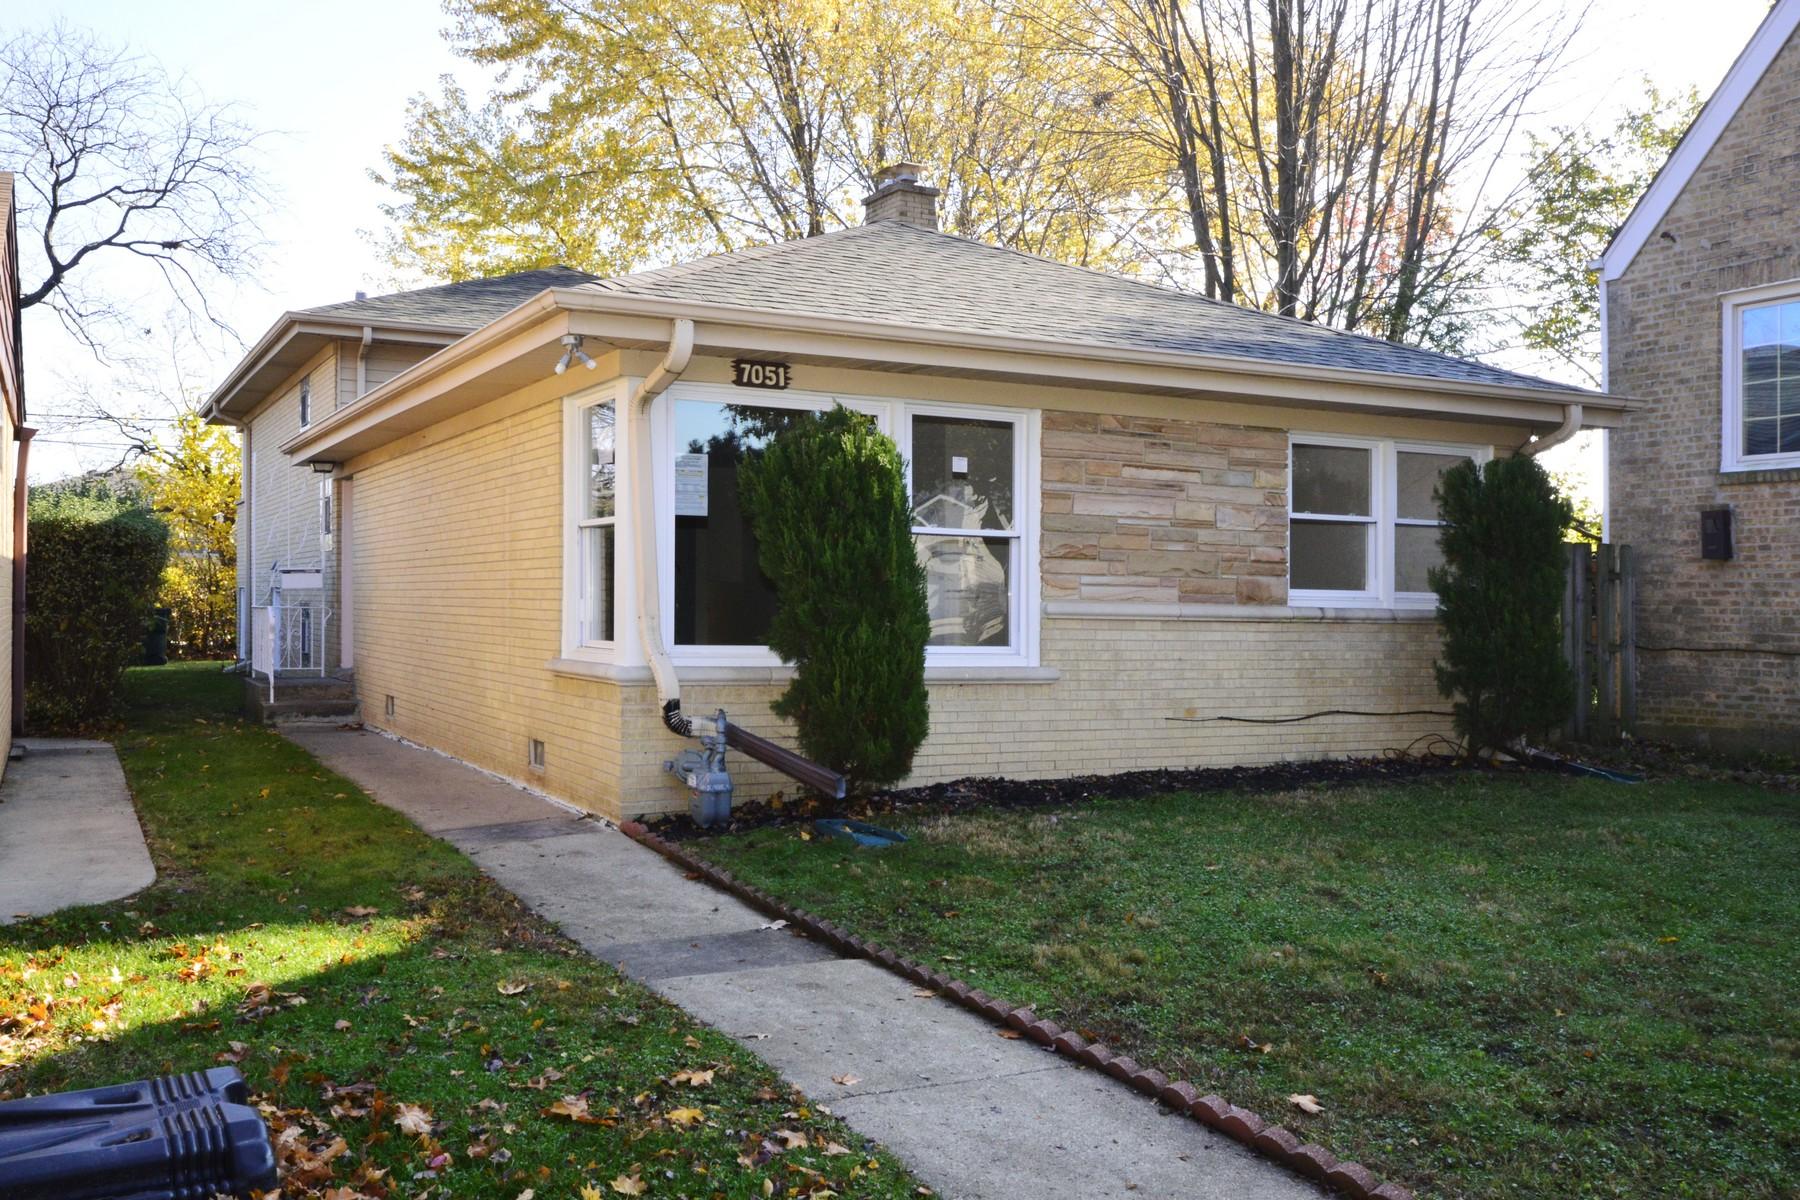 단독 가정 주택 용 매매 에 Truly Wonderful Home Offers Great Space And Updates 7051 Keystone Avenue Lincolnwood, 일리노이즈, 60712 미국